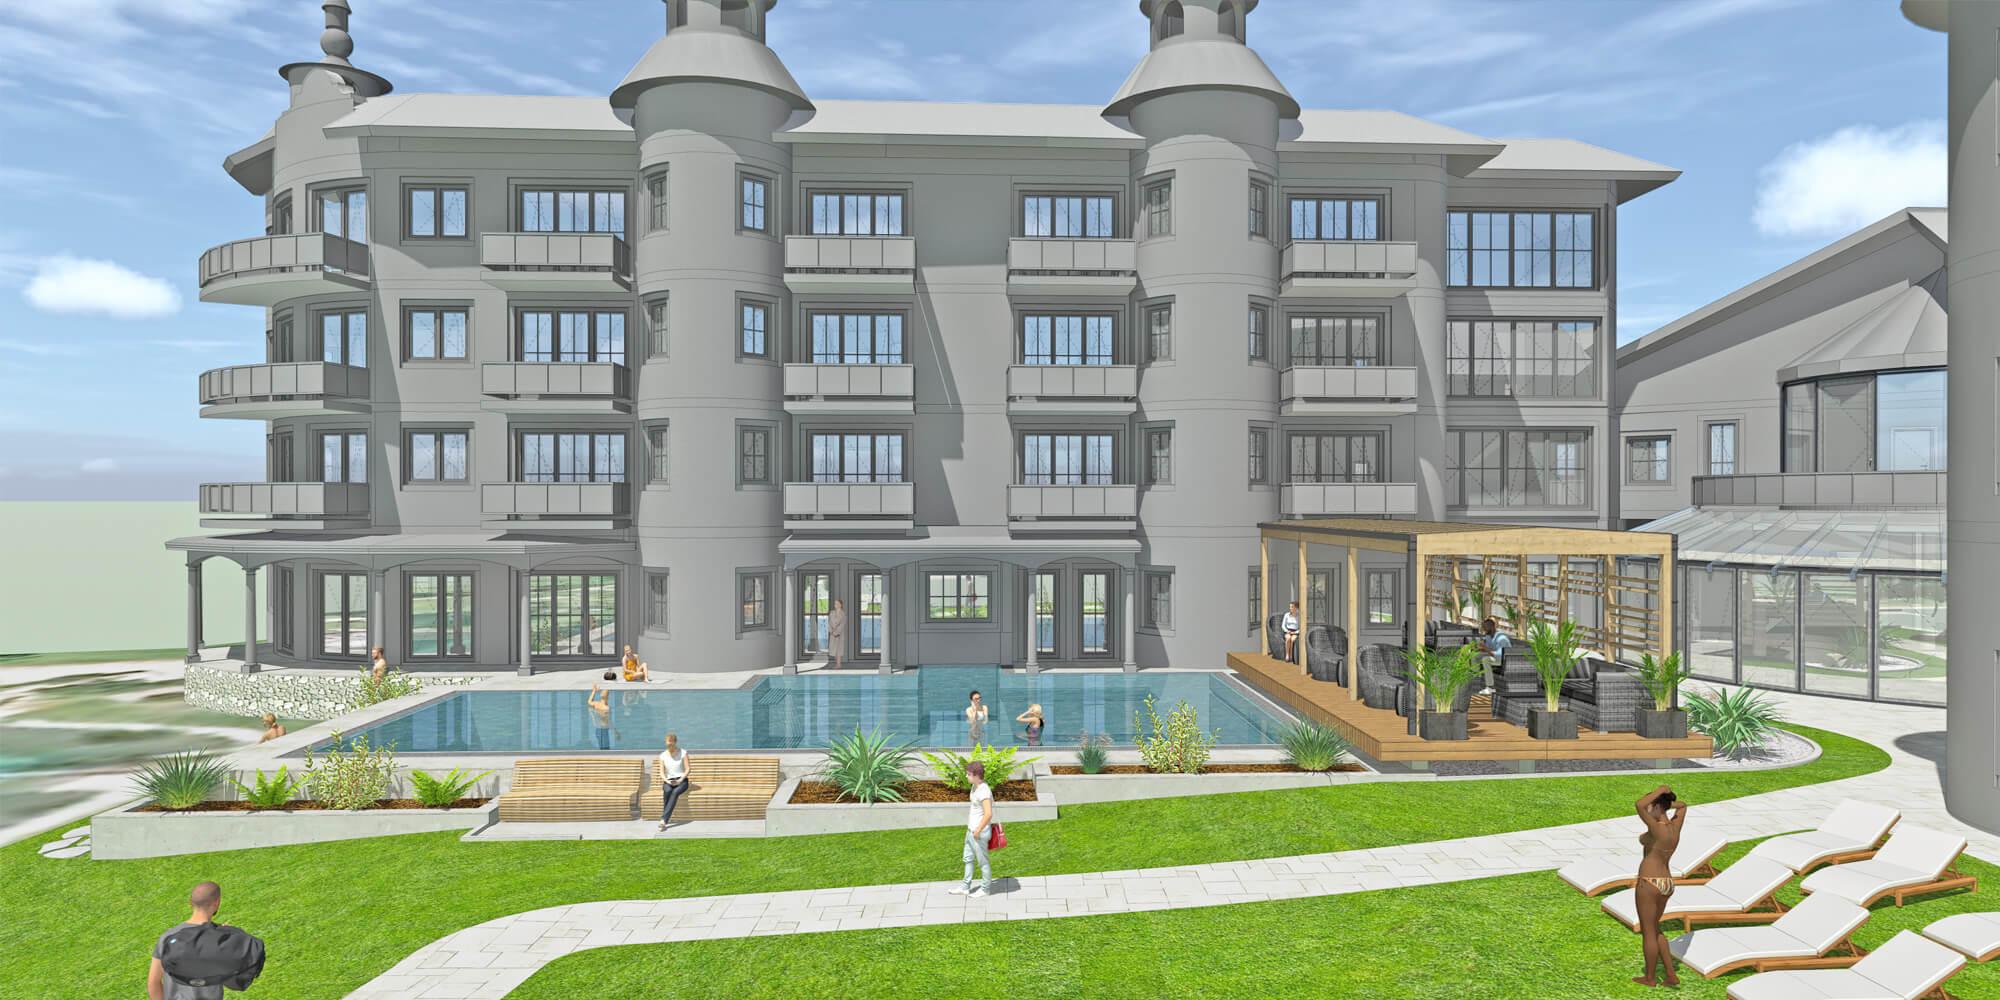 Crea-Plan-Design-Rauch-Frühmann-Architektur-Innenarchitektur-Design-Projekt-Referenz-Hotelerie-Gastronomie-Hotel-Guglwald-Wellness-M